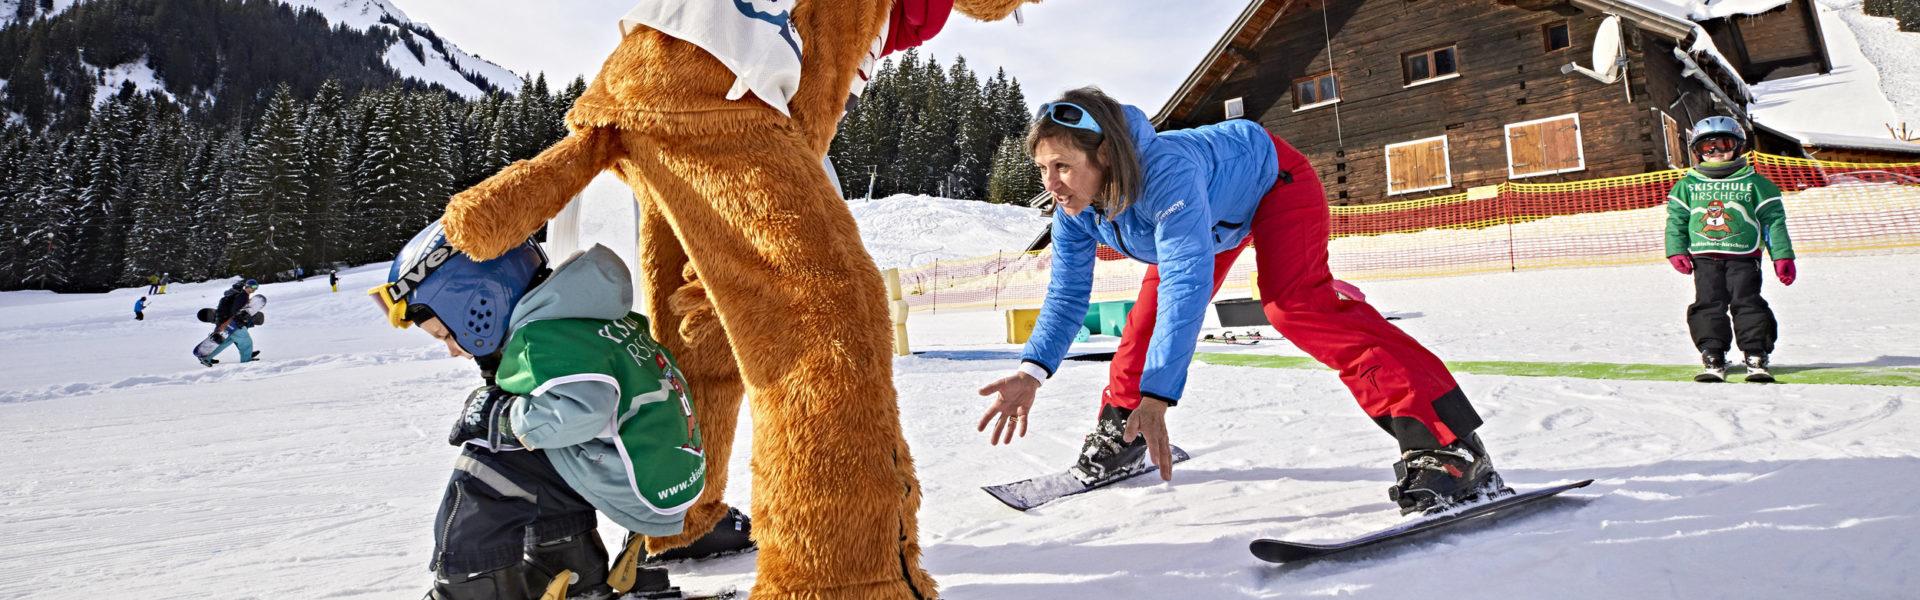 Skischule Hirschegg © Gert Krautbauer / Vorarlberg Tourismus